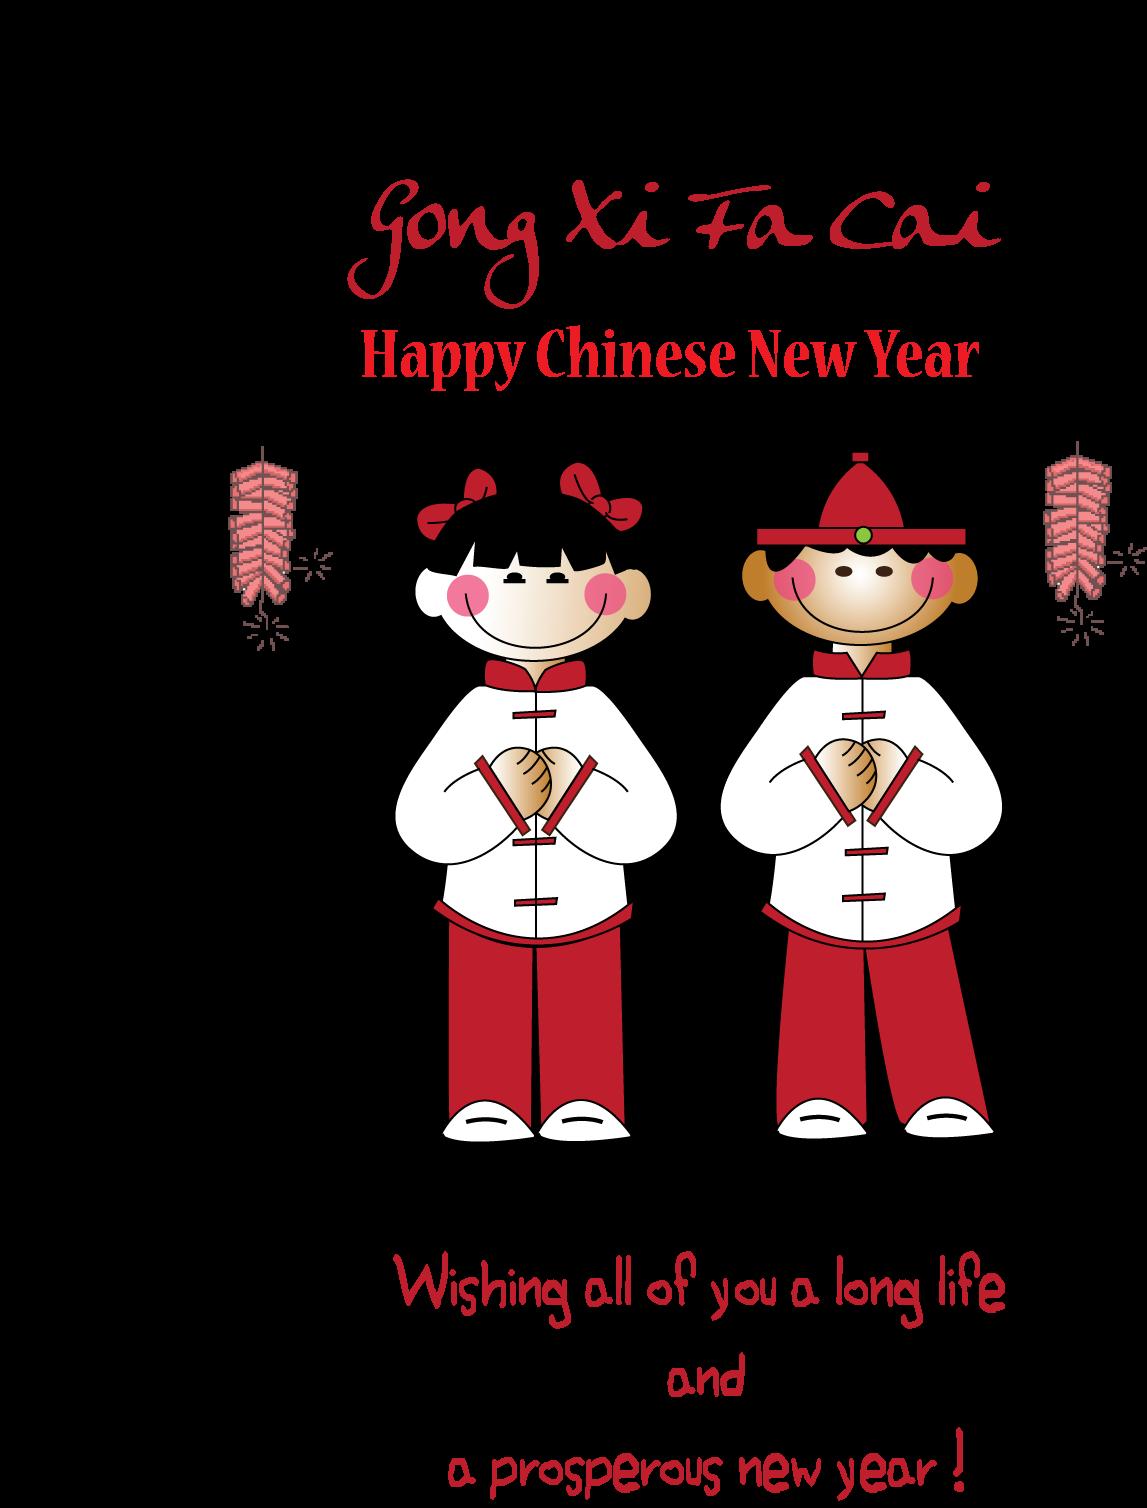 Tadika astana miri chinese new year greetings chinese new year greetings m4hsunfo